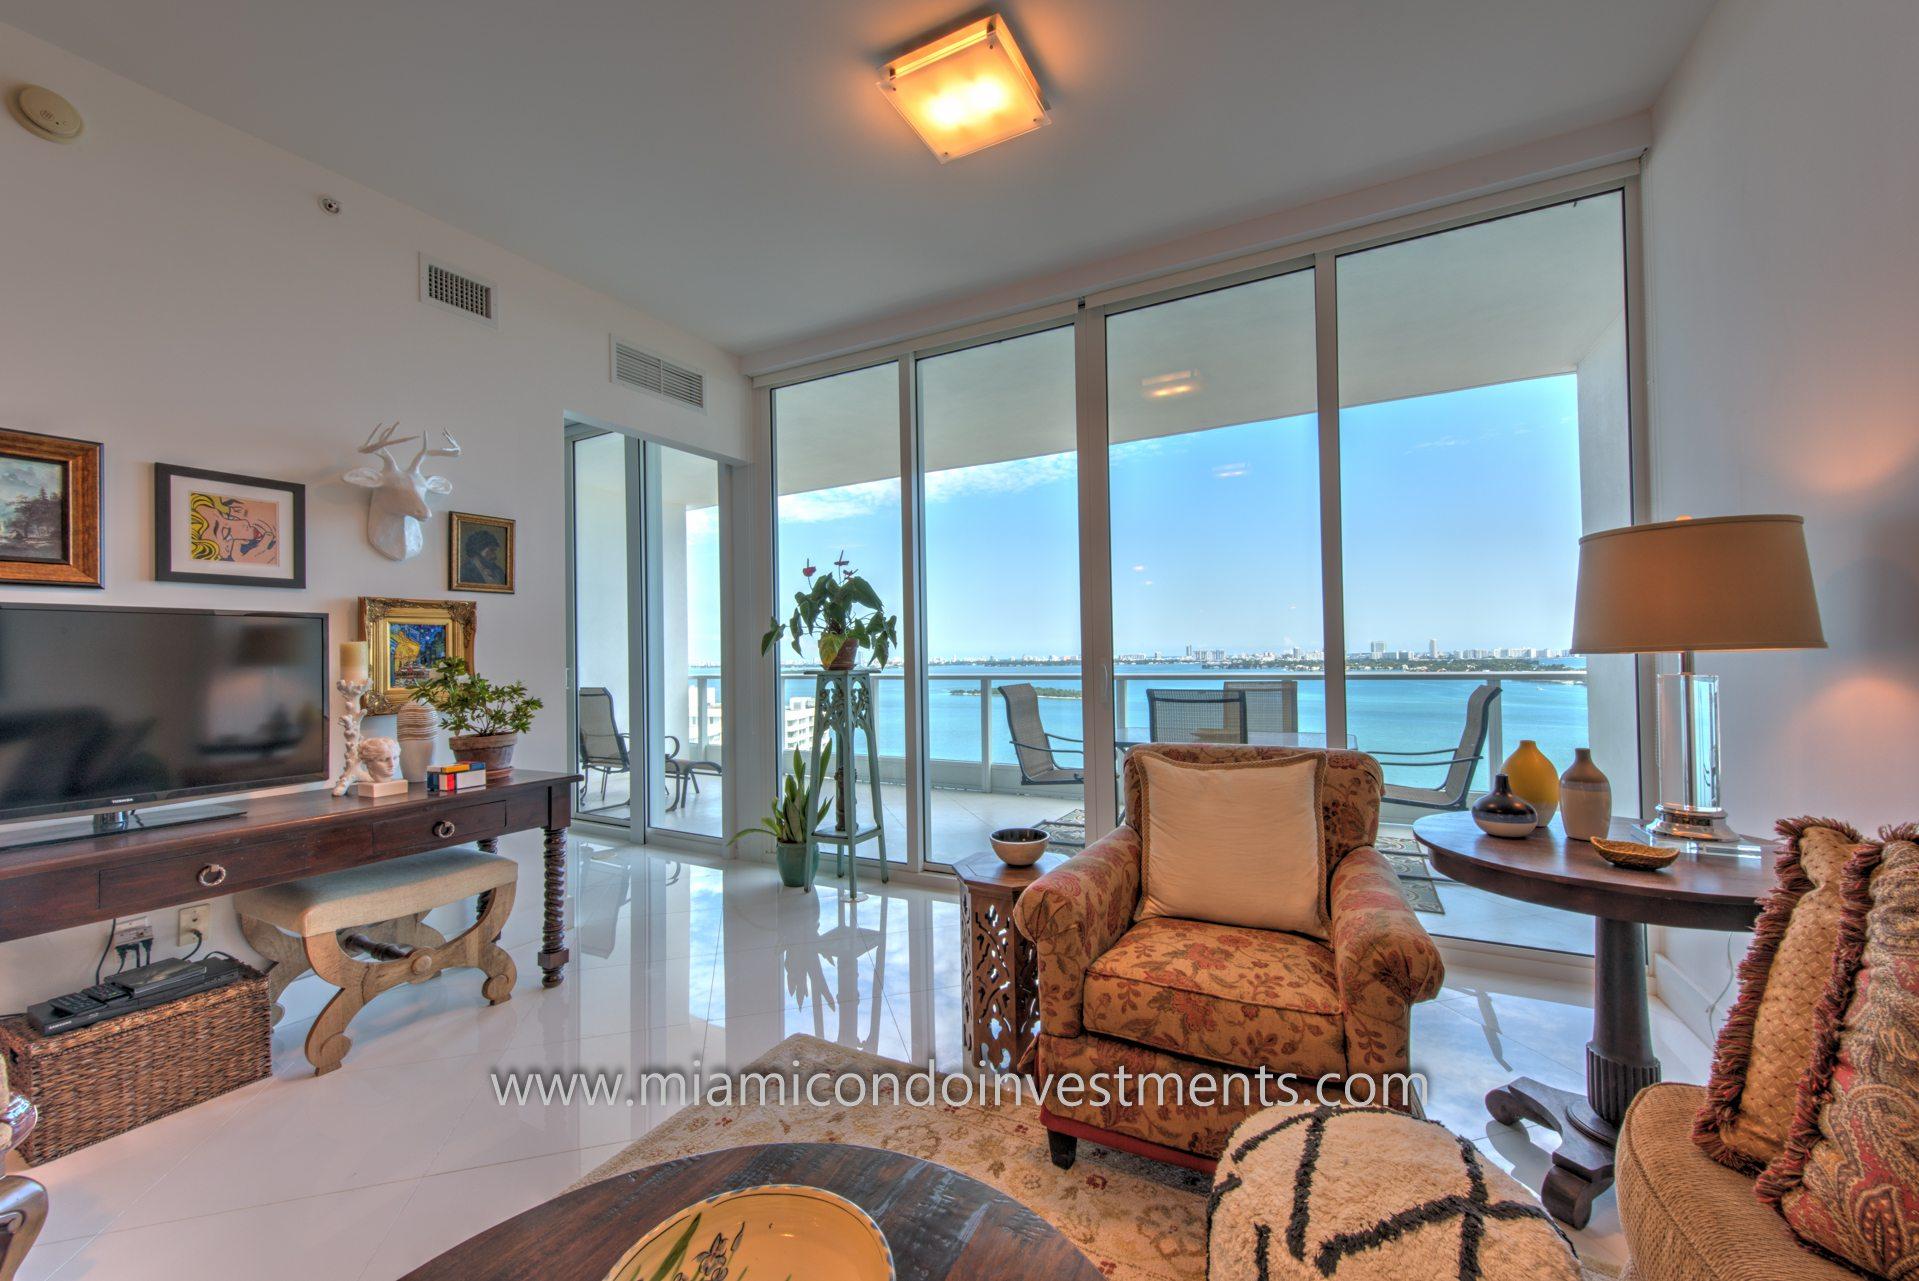 view from Paramount Bay condos